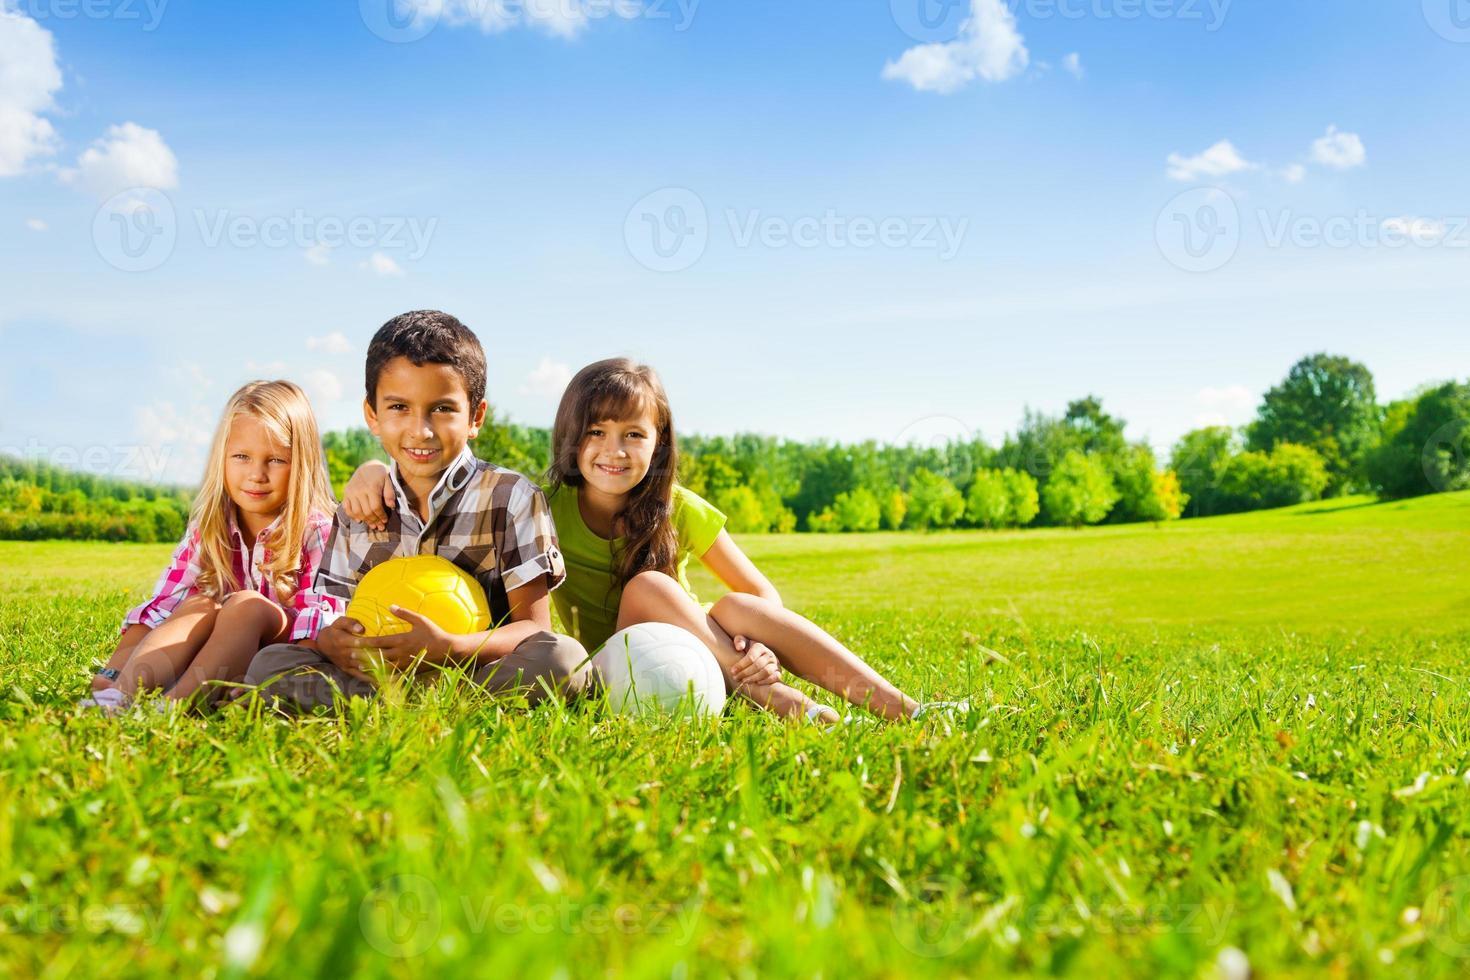 les enfants sont assis dans l'herbe avec des balles de sport photo